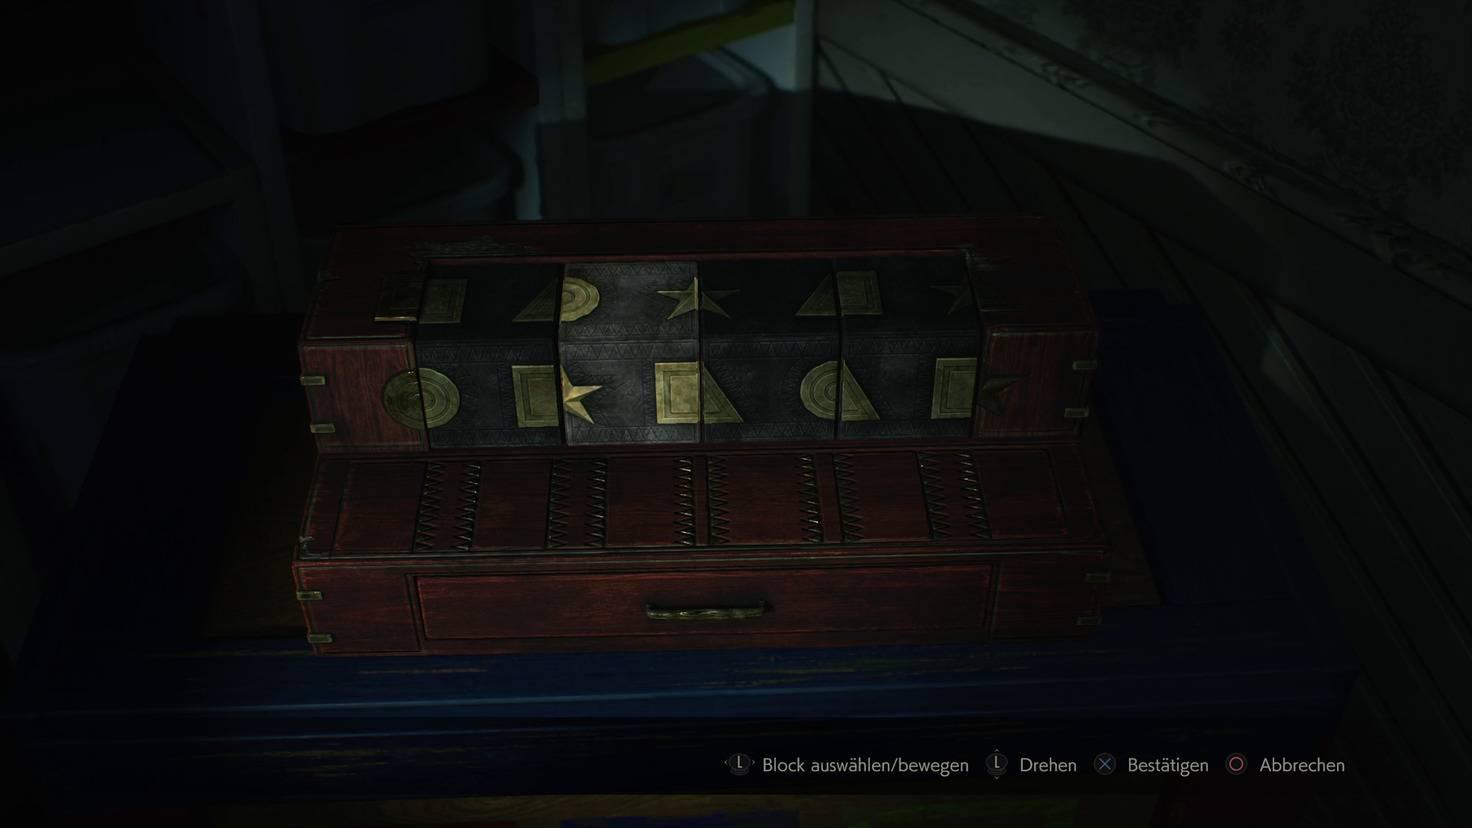 """Ein typisches """"Resident Evil""""-Rätsel. Zuerst musste ich den fehlenden Block finden und die Blöcke dann in die richtige Reihenfolge bringen."""